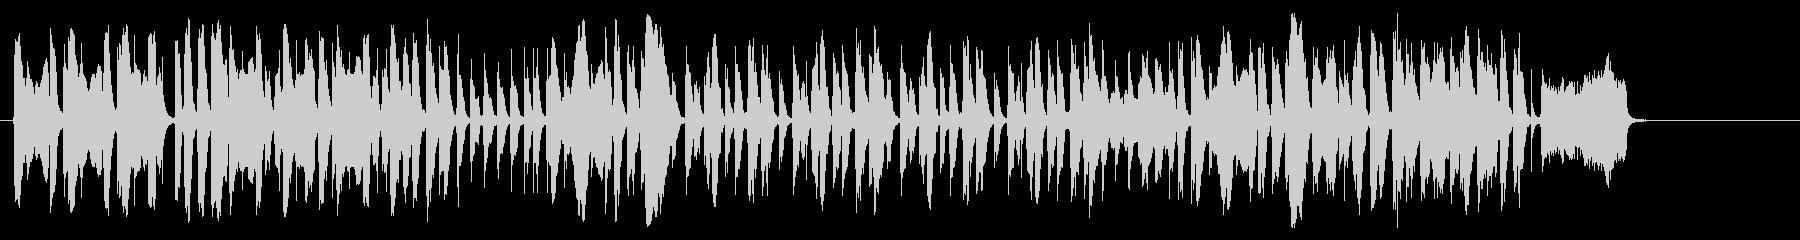 フィンガースナップの効いたアカペラの未再生の波形